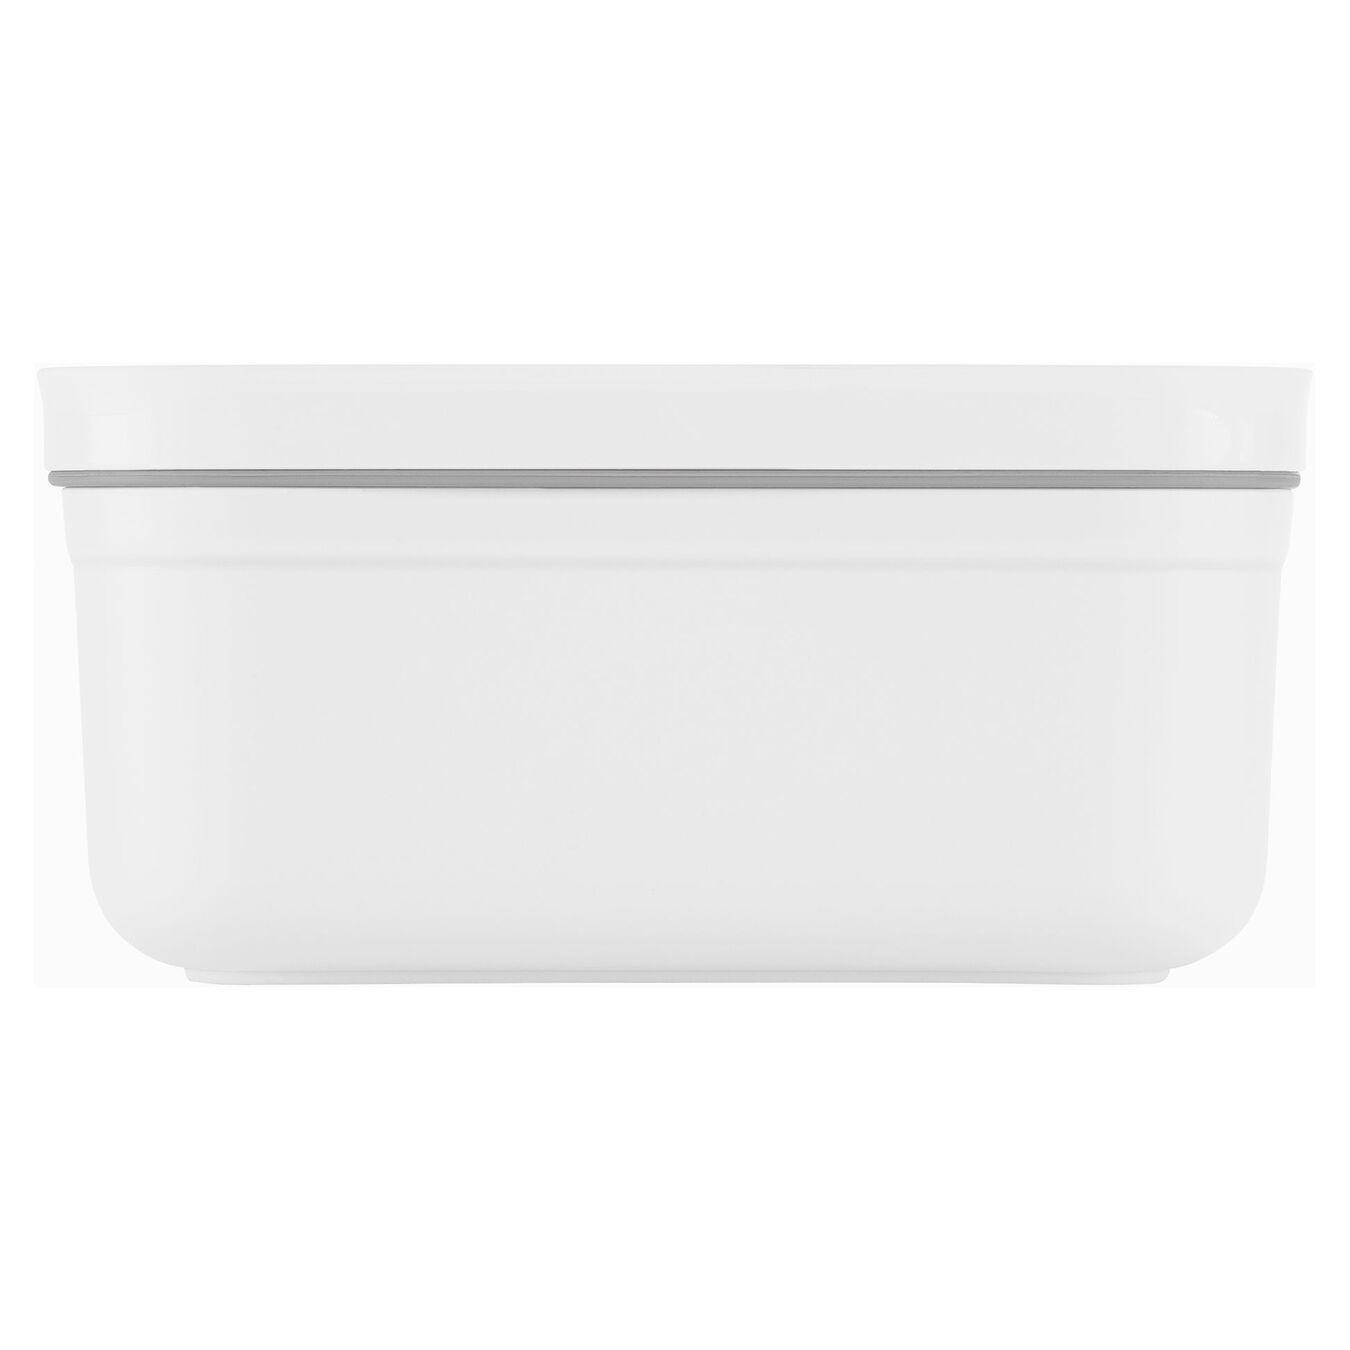 Lunch box sottovuoto - S, plastica, bianco,,large 2